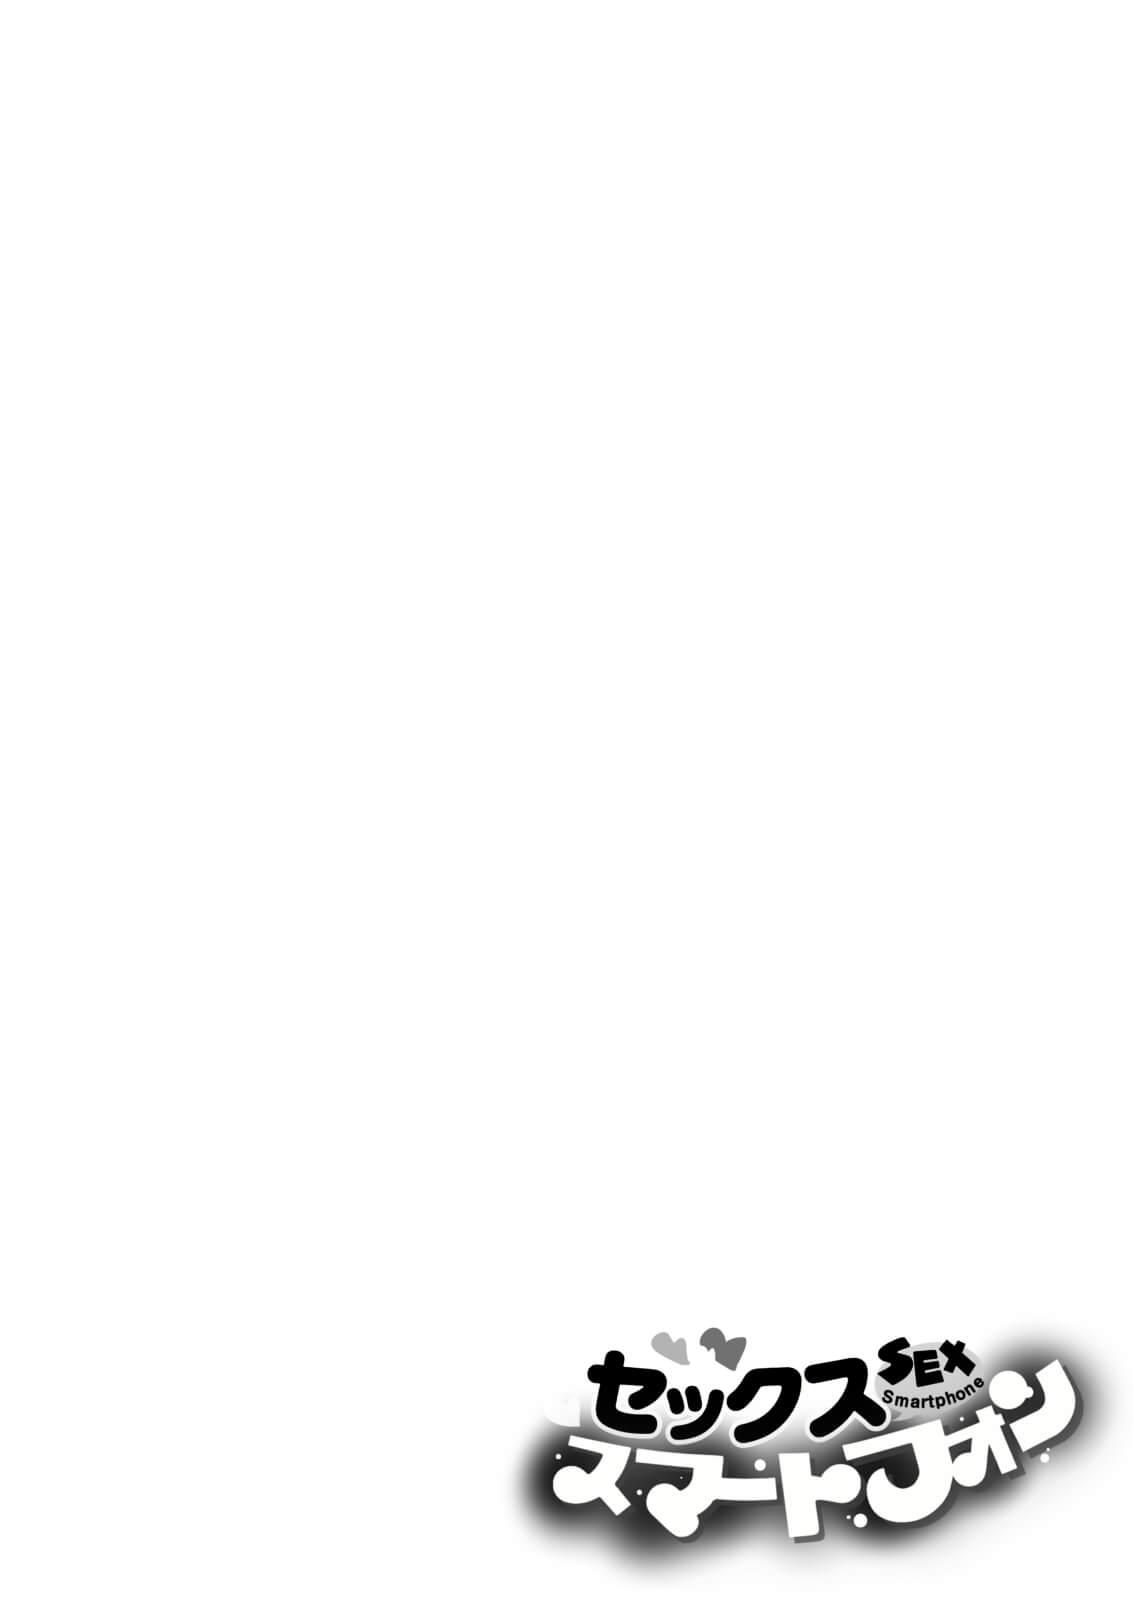 【エロ漫画】かわいい同級生の女の子におちんちん見せてって頼まれ【無料 エロ漫画】